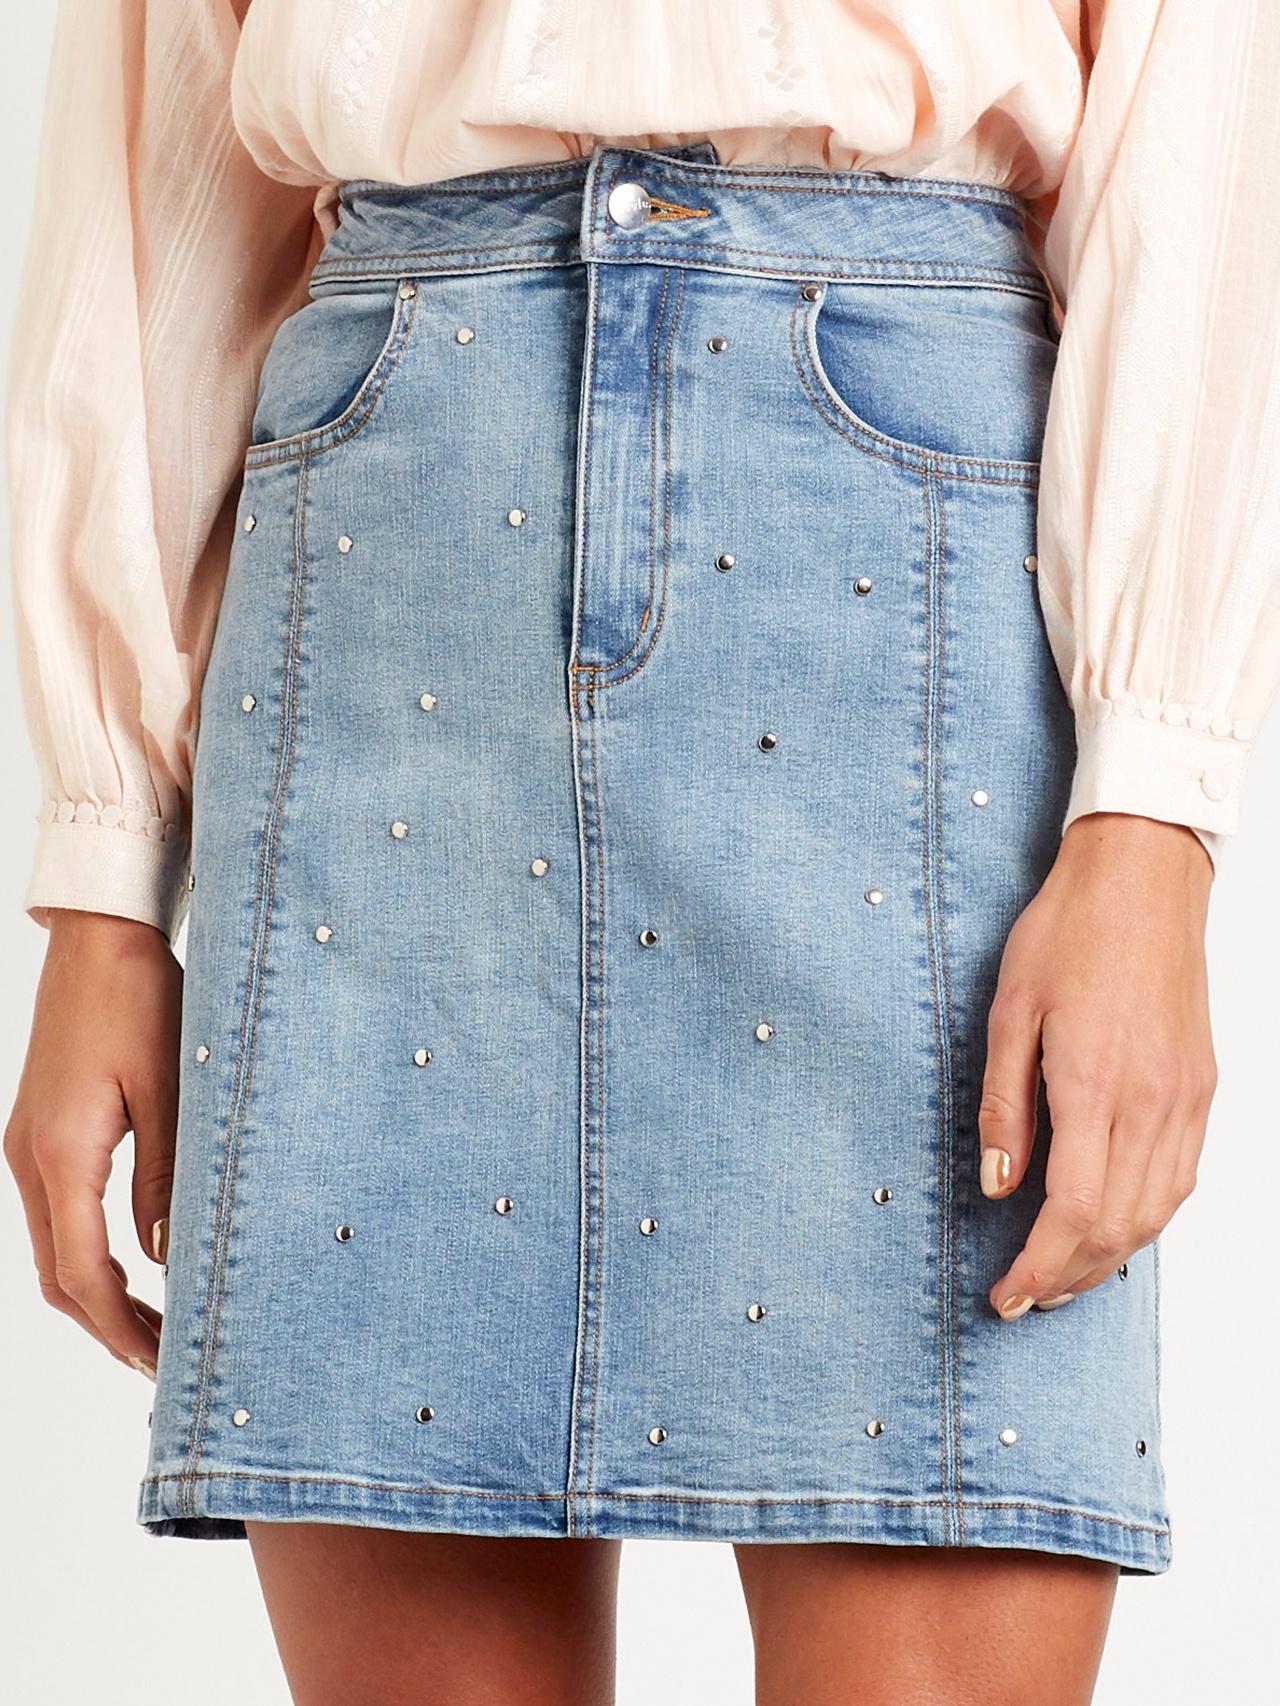 Steele Tyler Stud Short Skirt